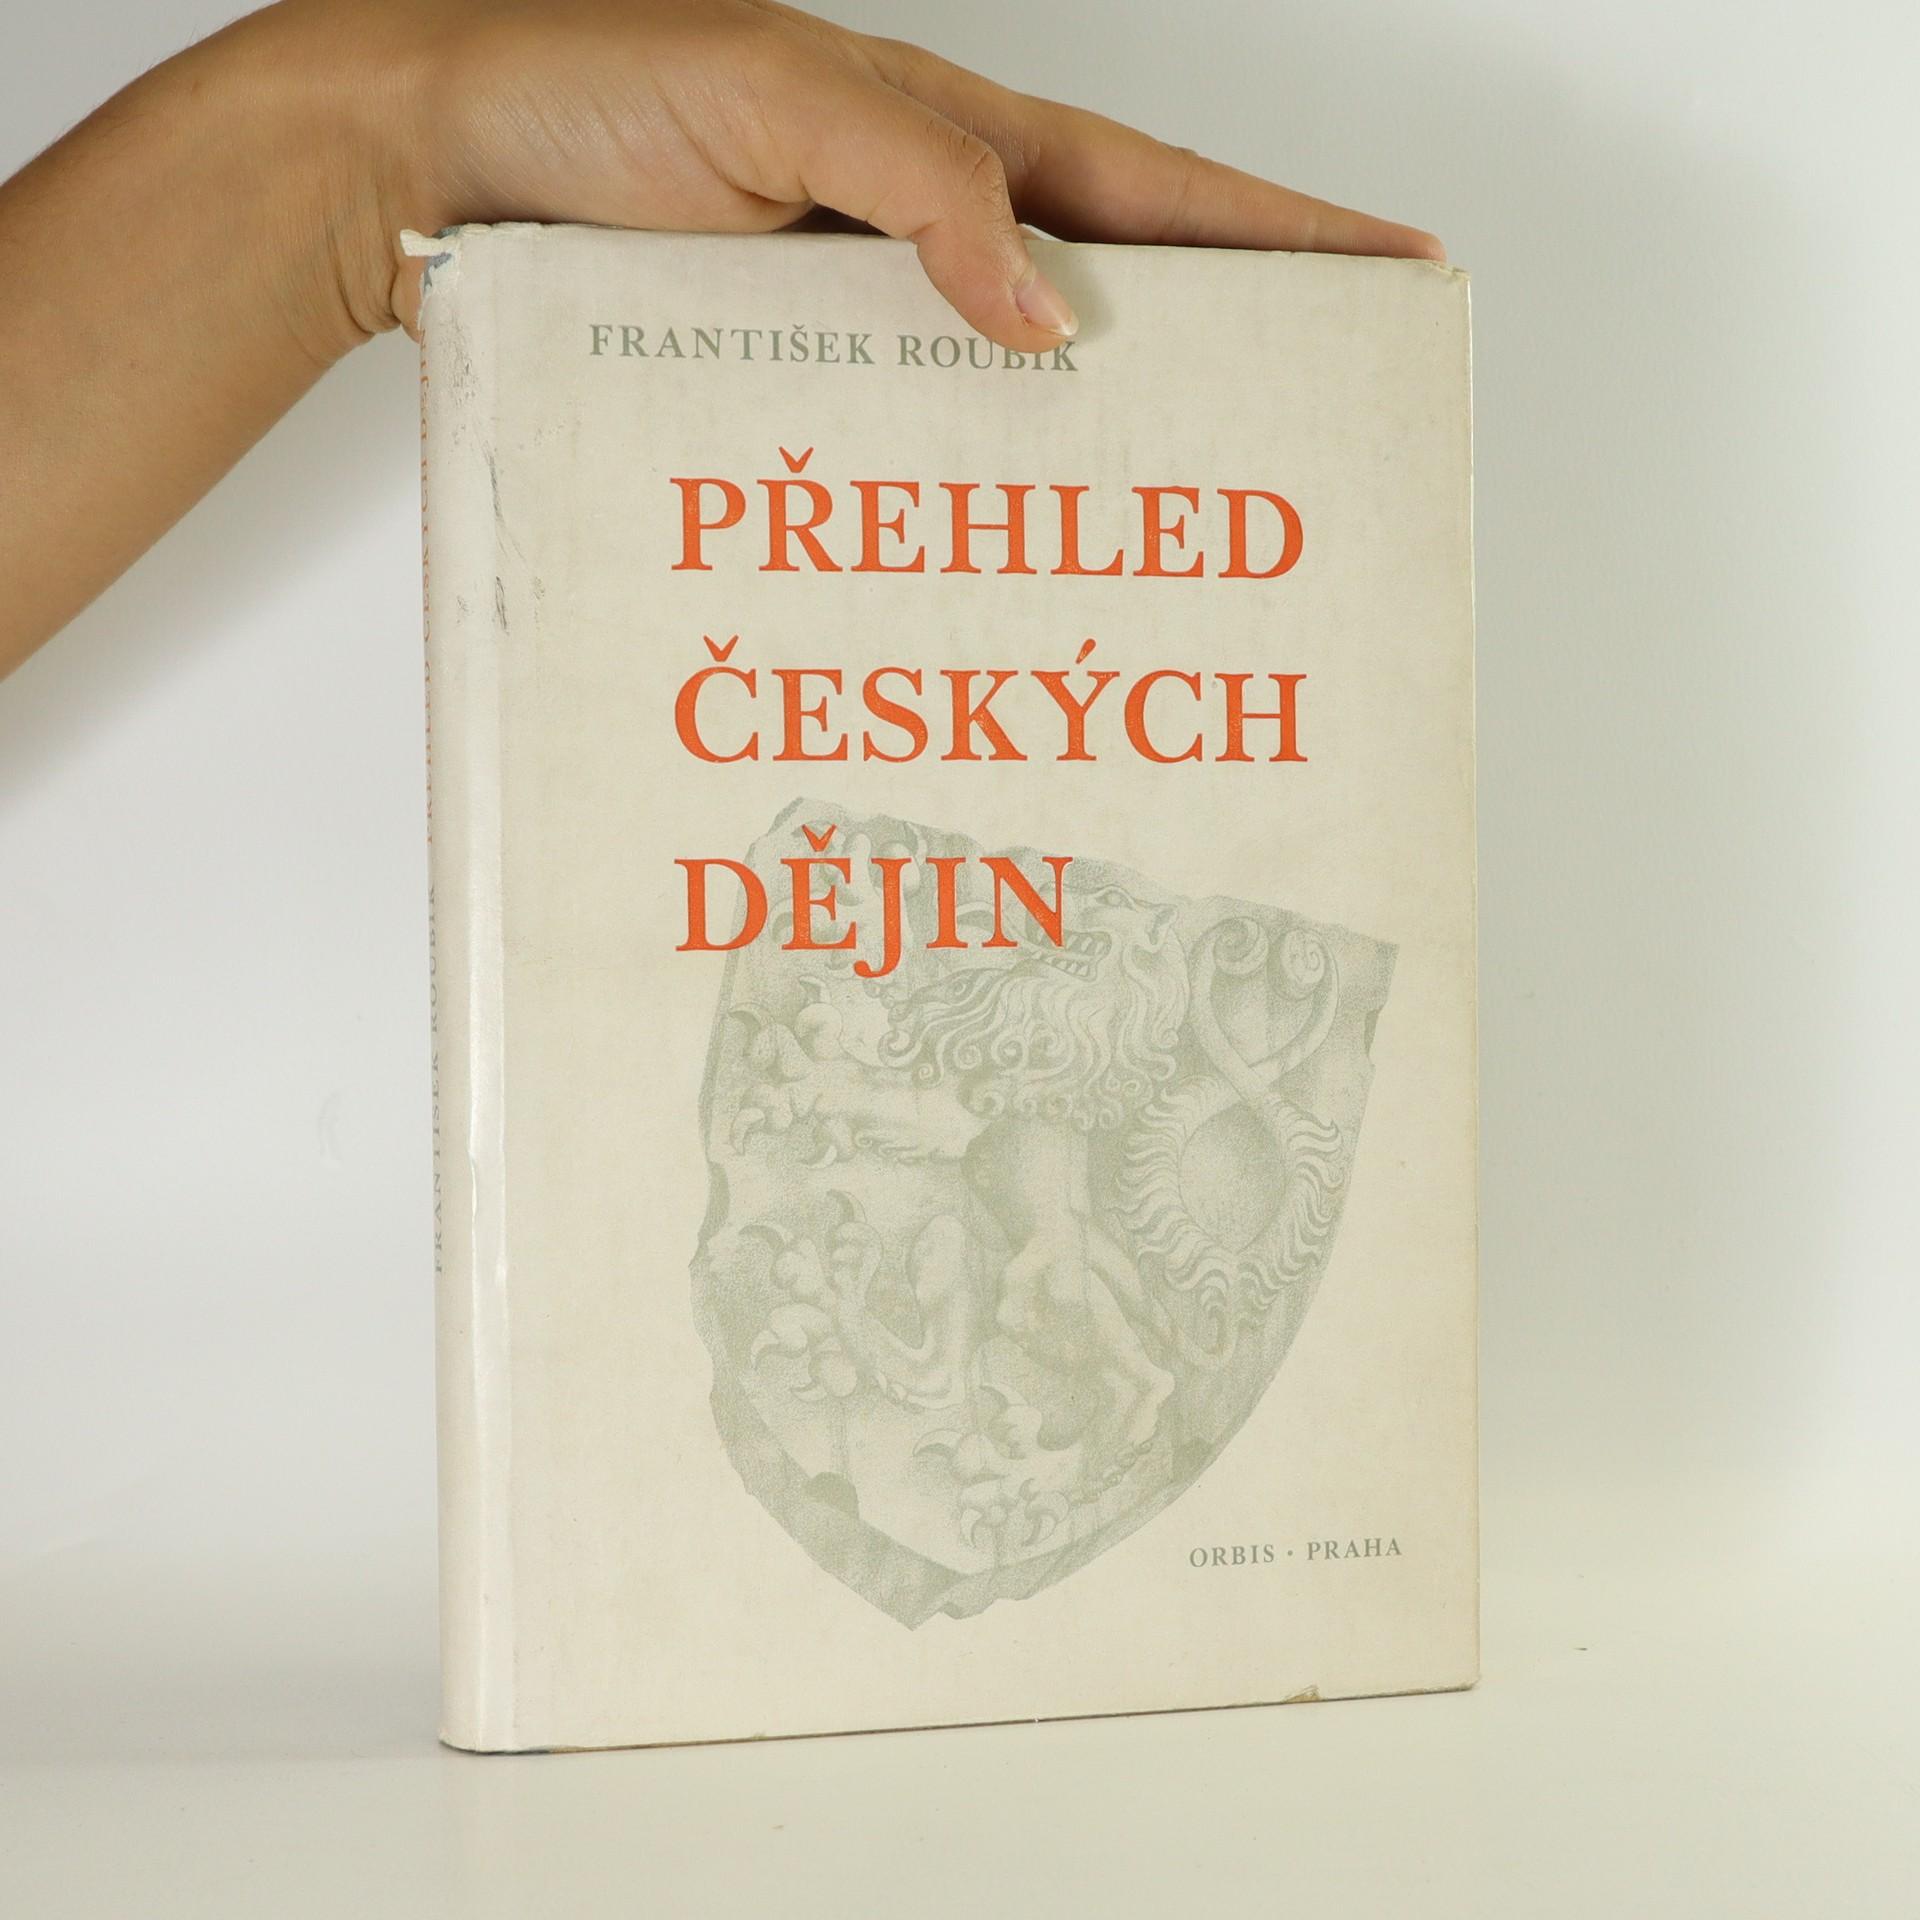 antikvární kniha Přehled českých dějin, 1947